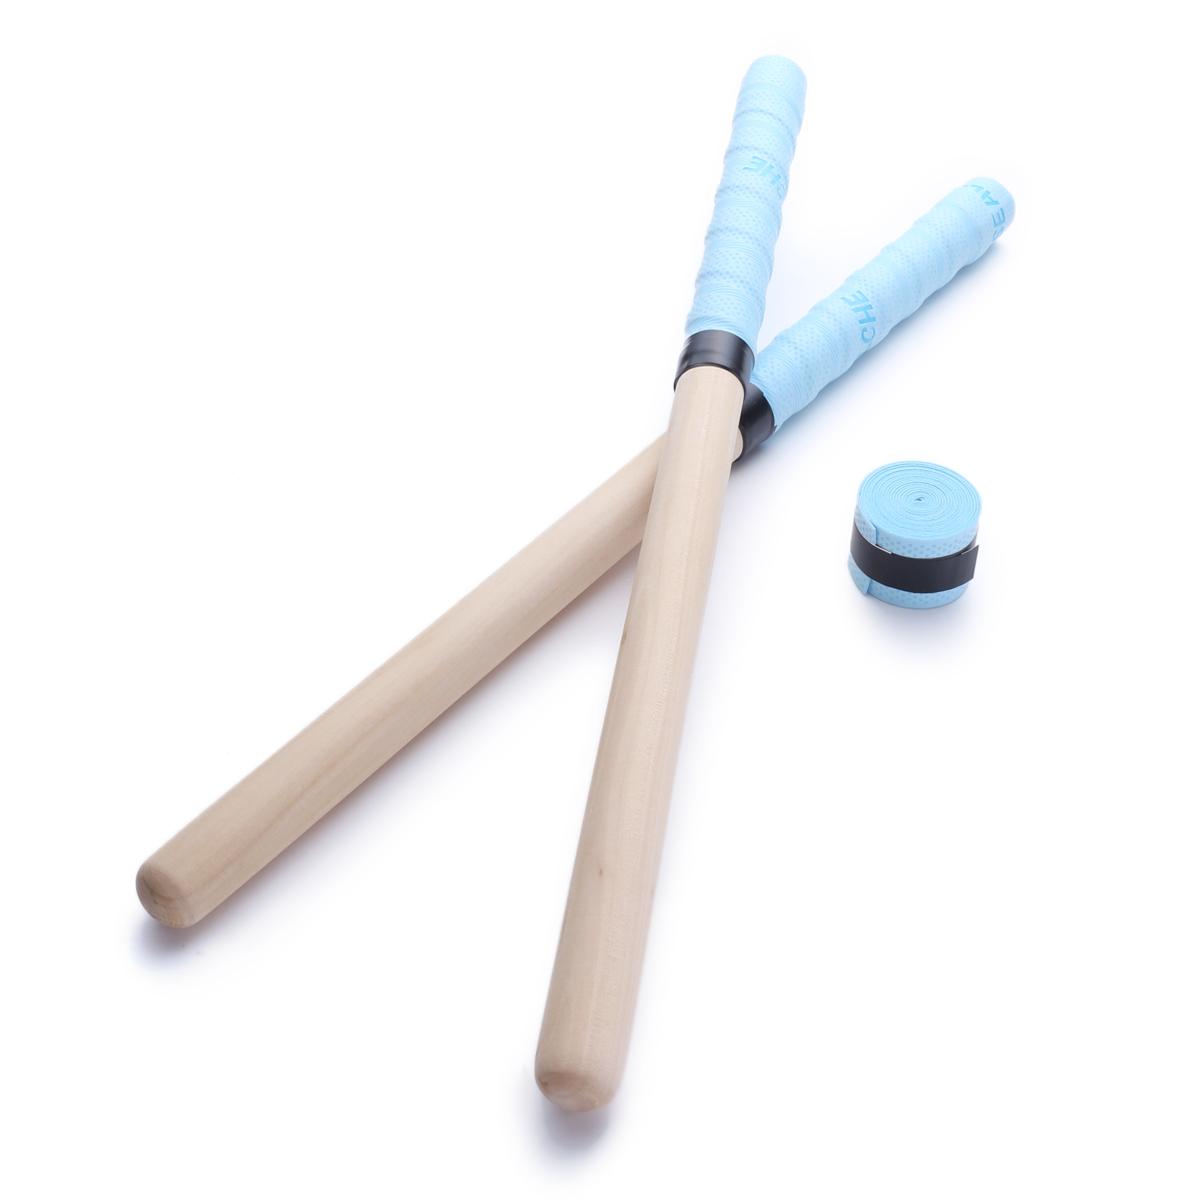 太鼓の達人であるランカーと共同開発した反応性抜群のぽんぽこバチ(精度ばち) ★反応性抜群のぽんぽこバチ(精度ばち)★[sealche] 太鼓 達人 マイバチ φ20mm-370mm 80グラム/本 グリップテープ1個付 ブルー